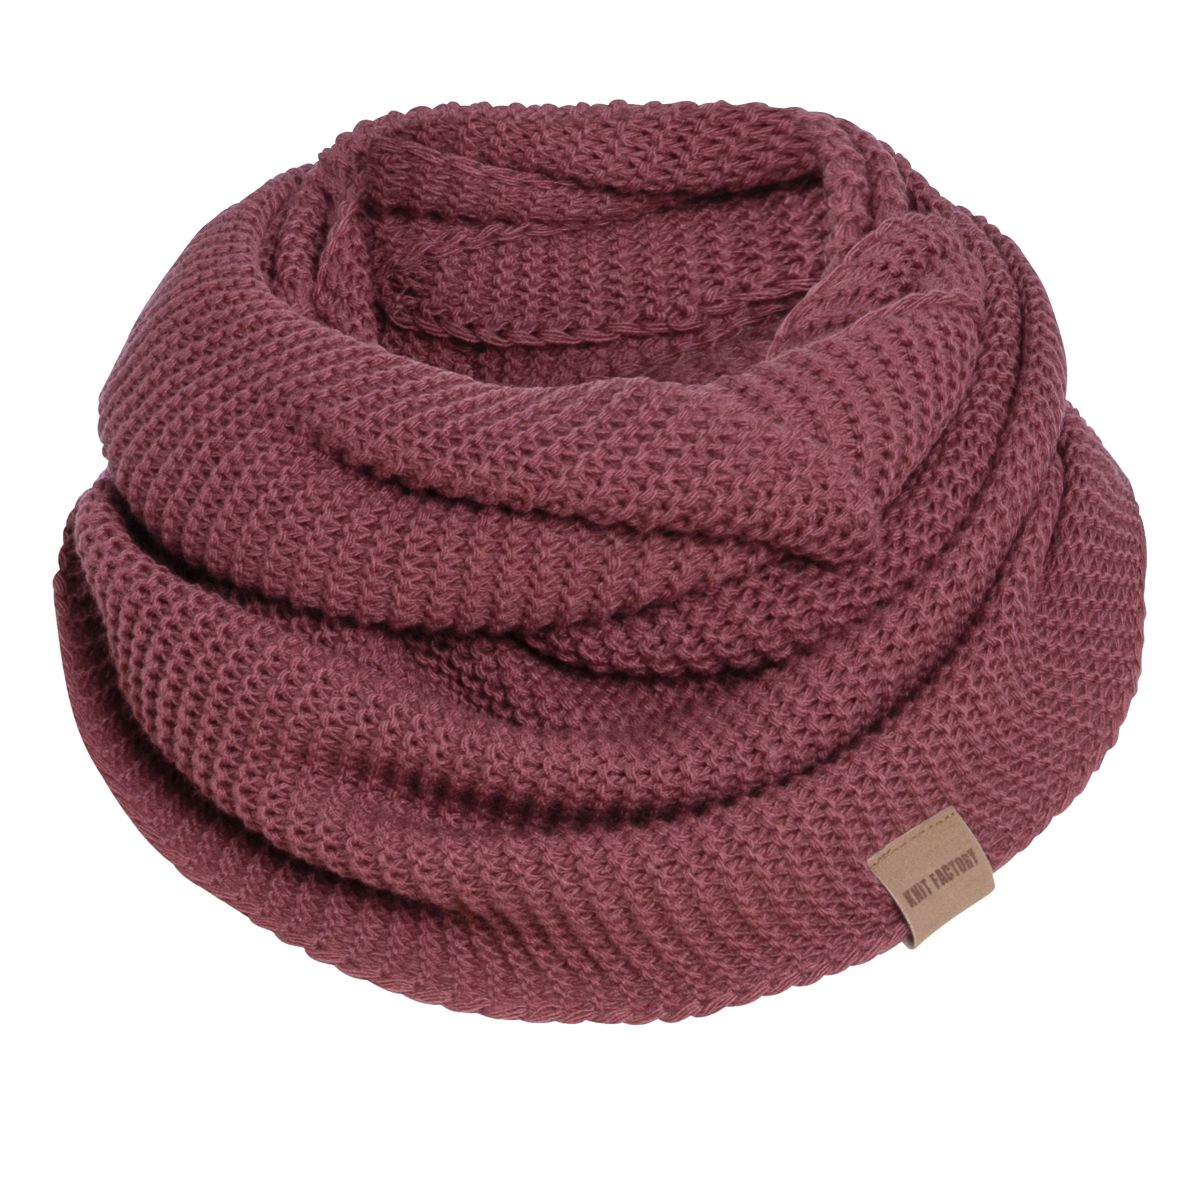 jamie infinity scarf stone red